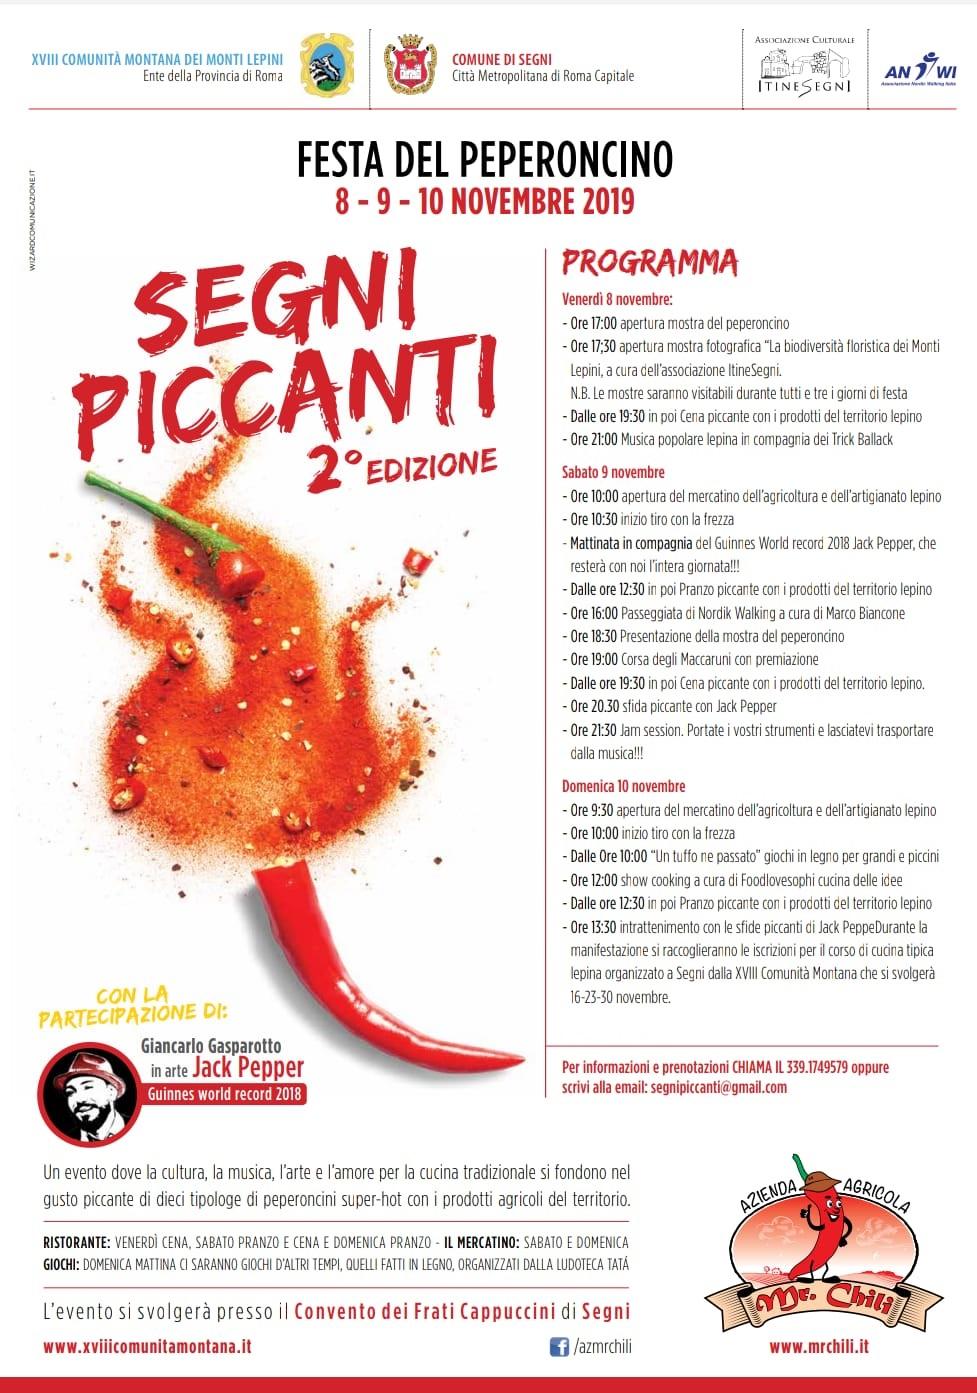 SEGNI PICCANTI 2° EDIZIONE, Festa del peperoncino 8-9-10Novembre